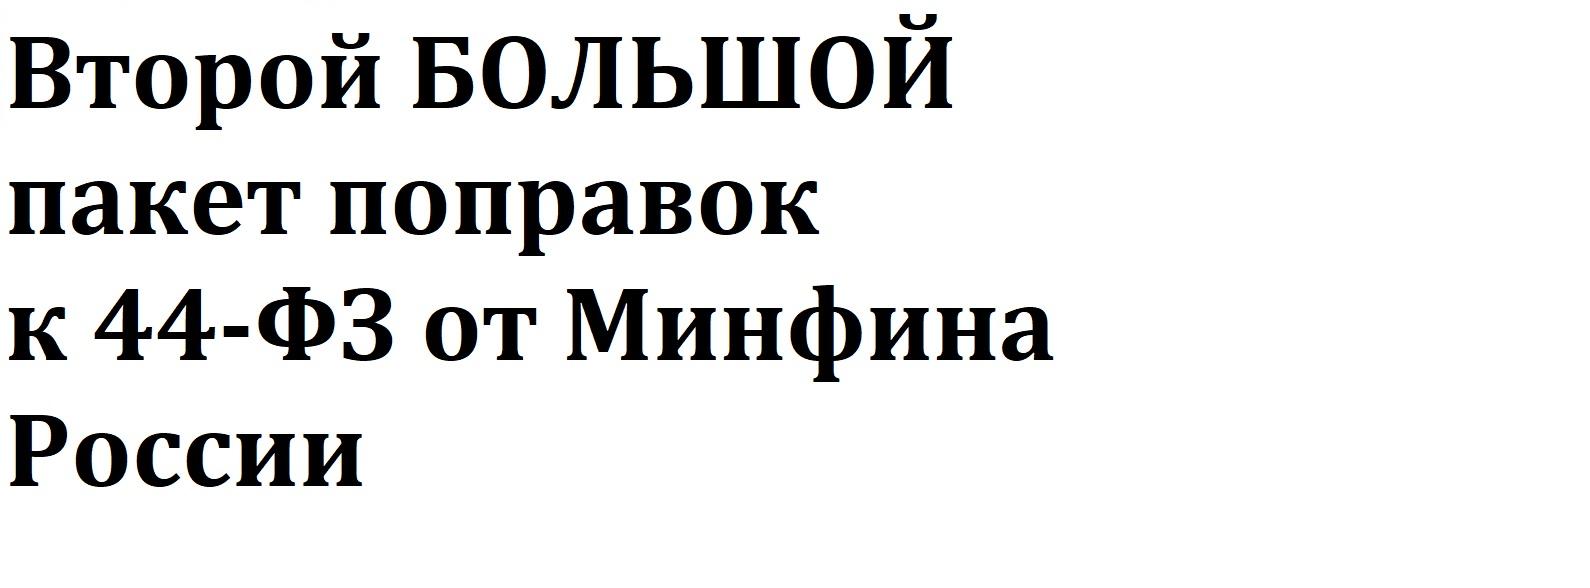 Минфин сообщил, что подготовка второго большого пакета поправок к 44-ФЗ завершена